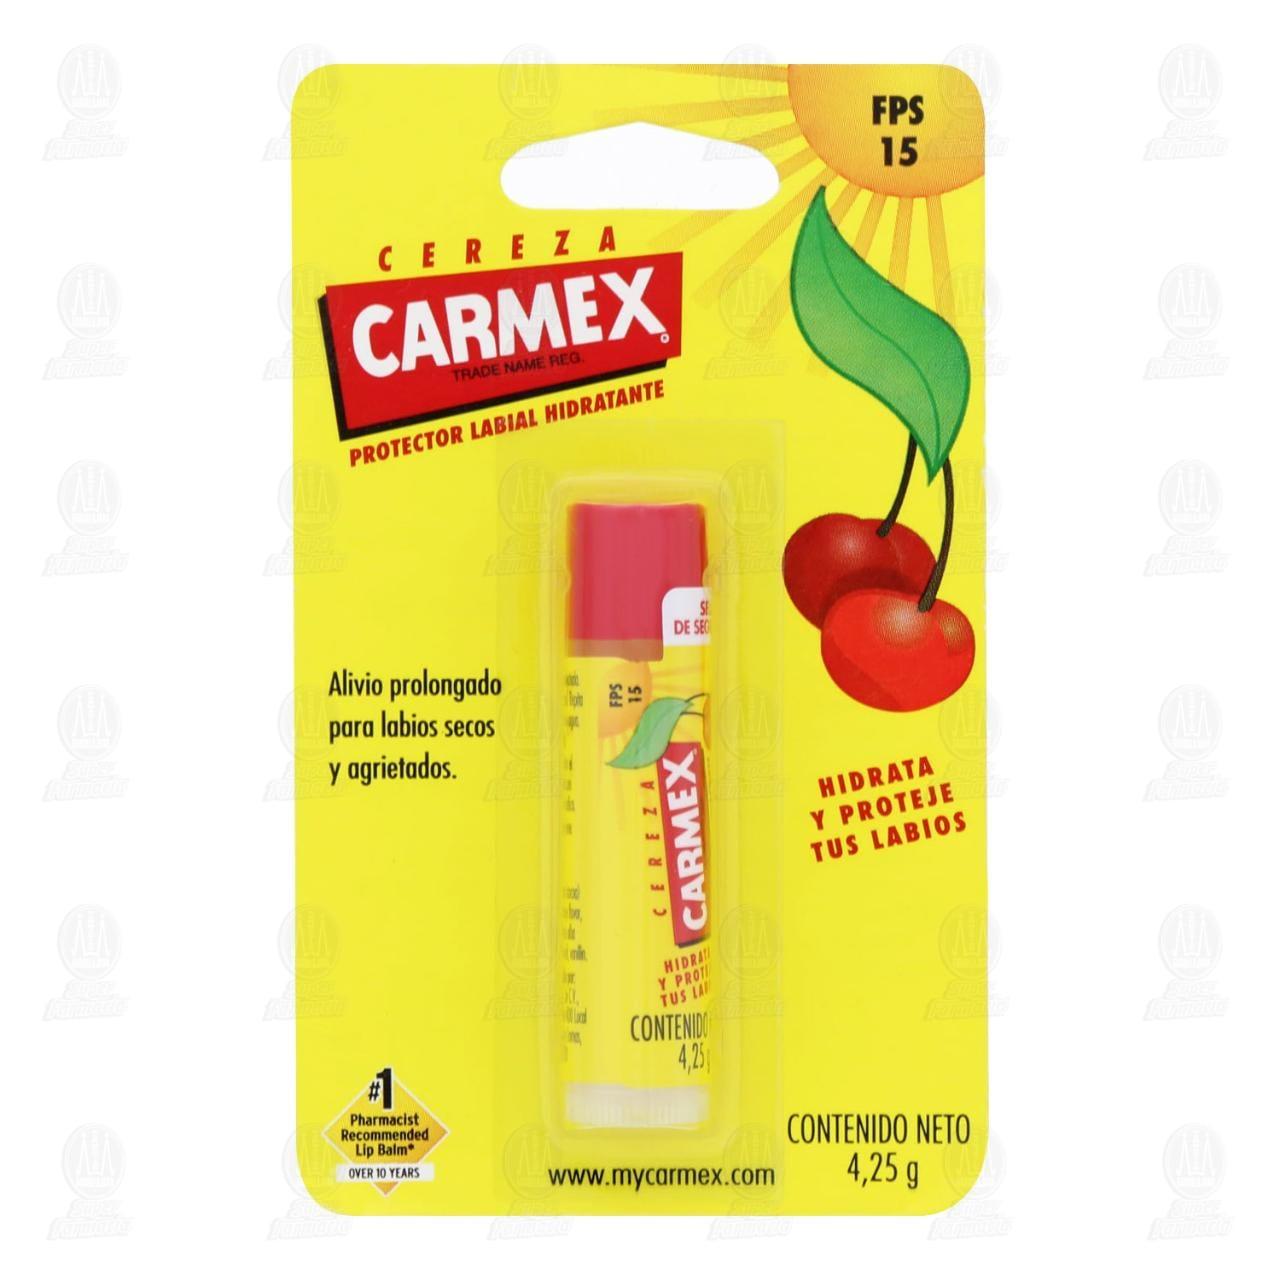 Comprar Protector Labial Carmex Hidratante Aroma Cereza FPS 15, 4.25 gr. en Farmacias Guadalajara